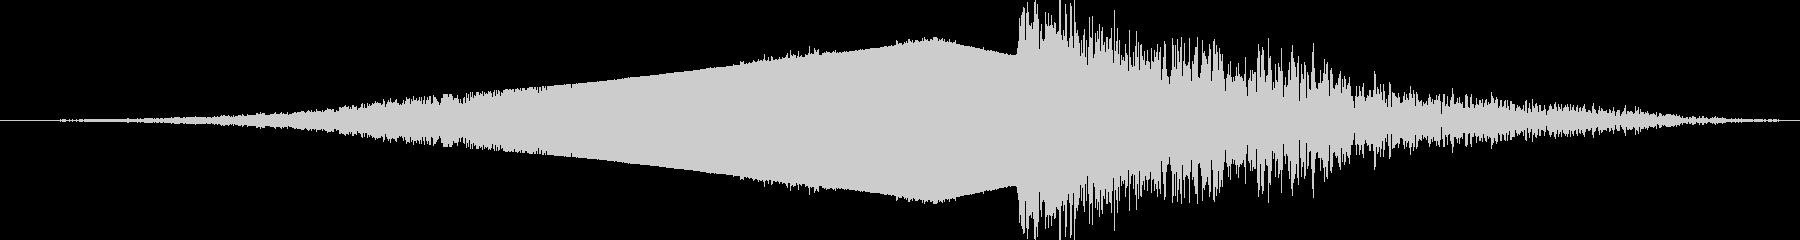 【映画】 シネマティック ライザー 09の未再生の波形